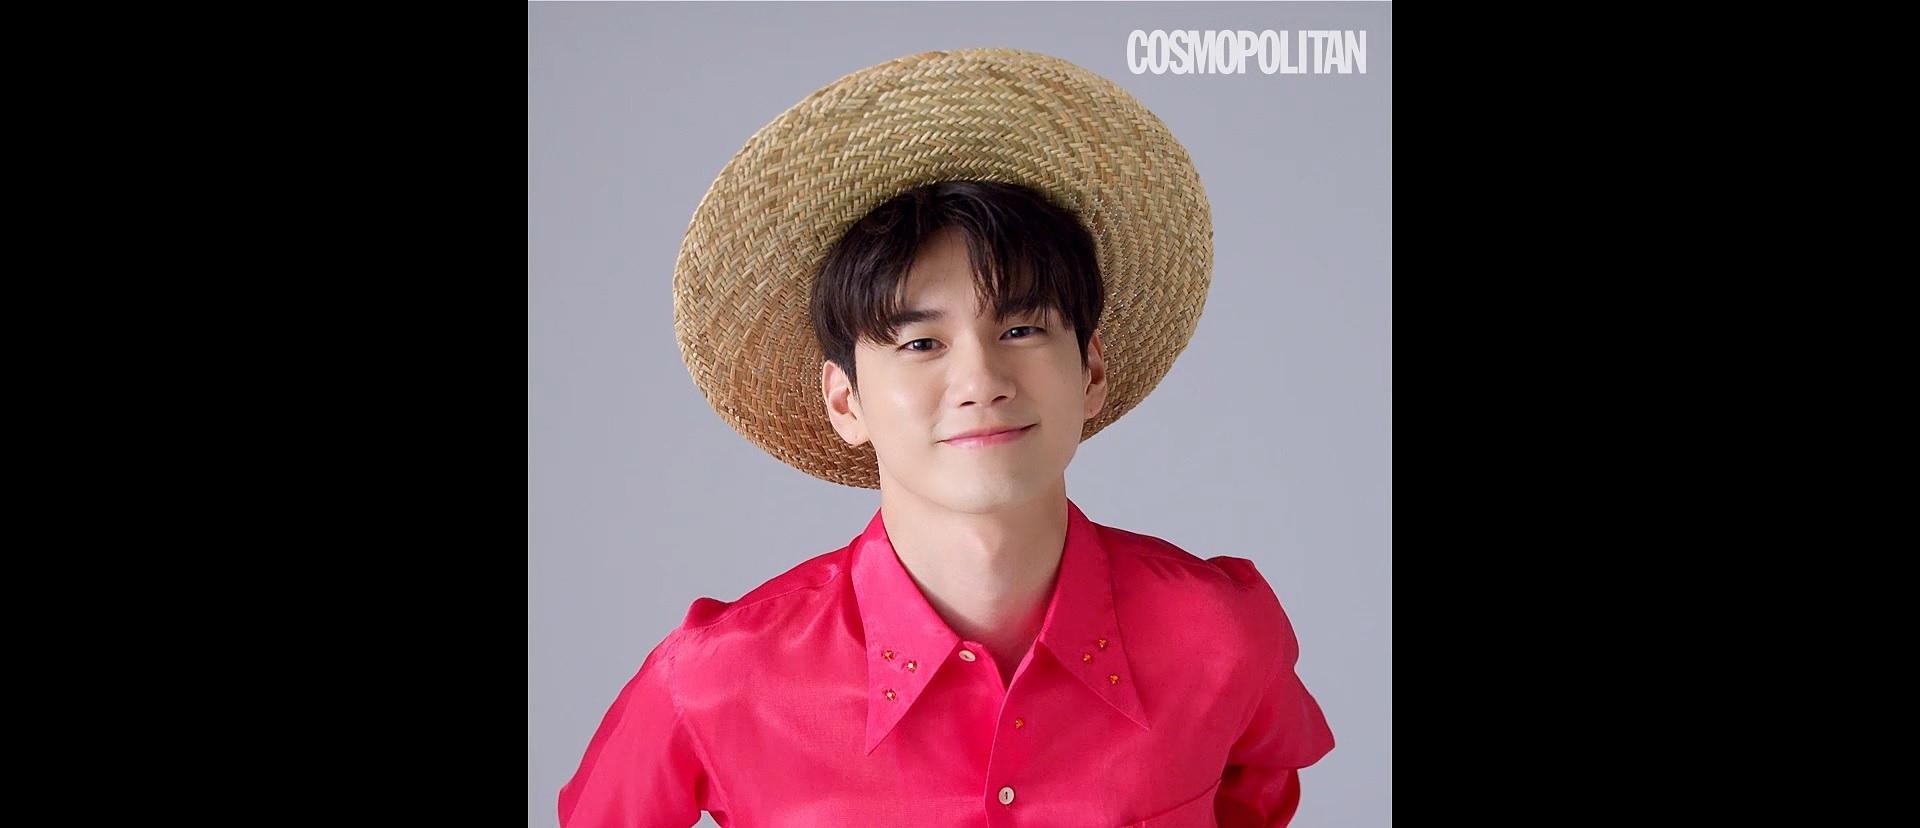 COSMOPOLITAN x ONG SEONG WU